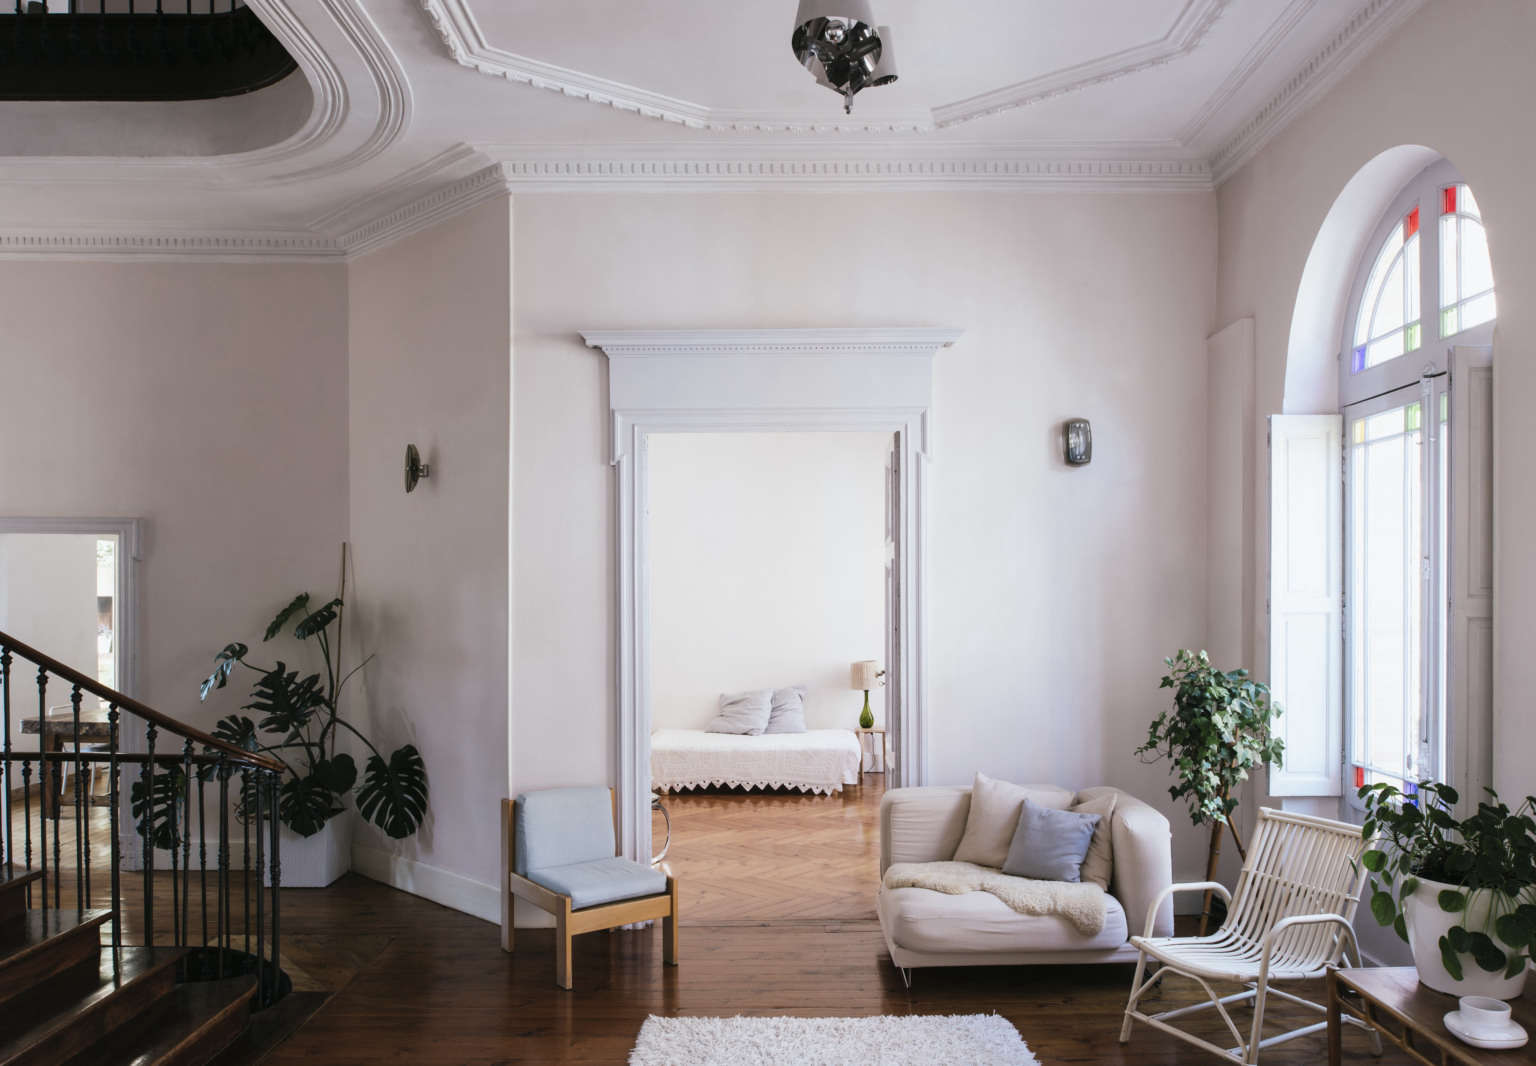 celine sathal france house living room 2 eefje de coninck 1536x1066